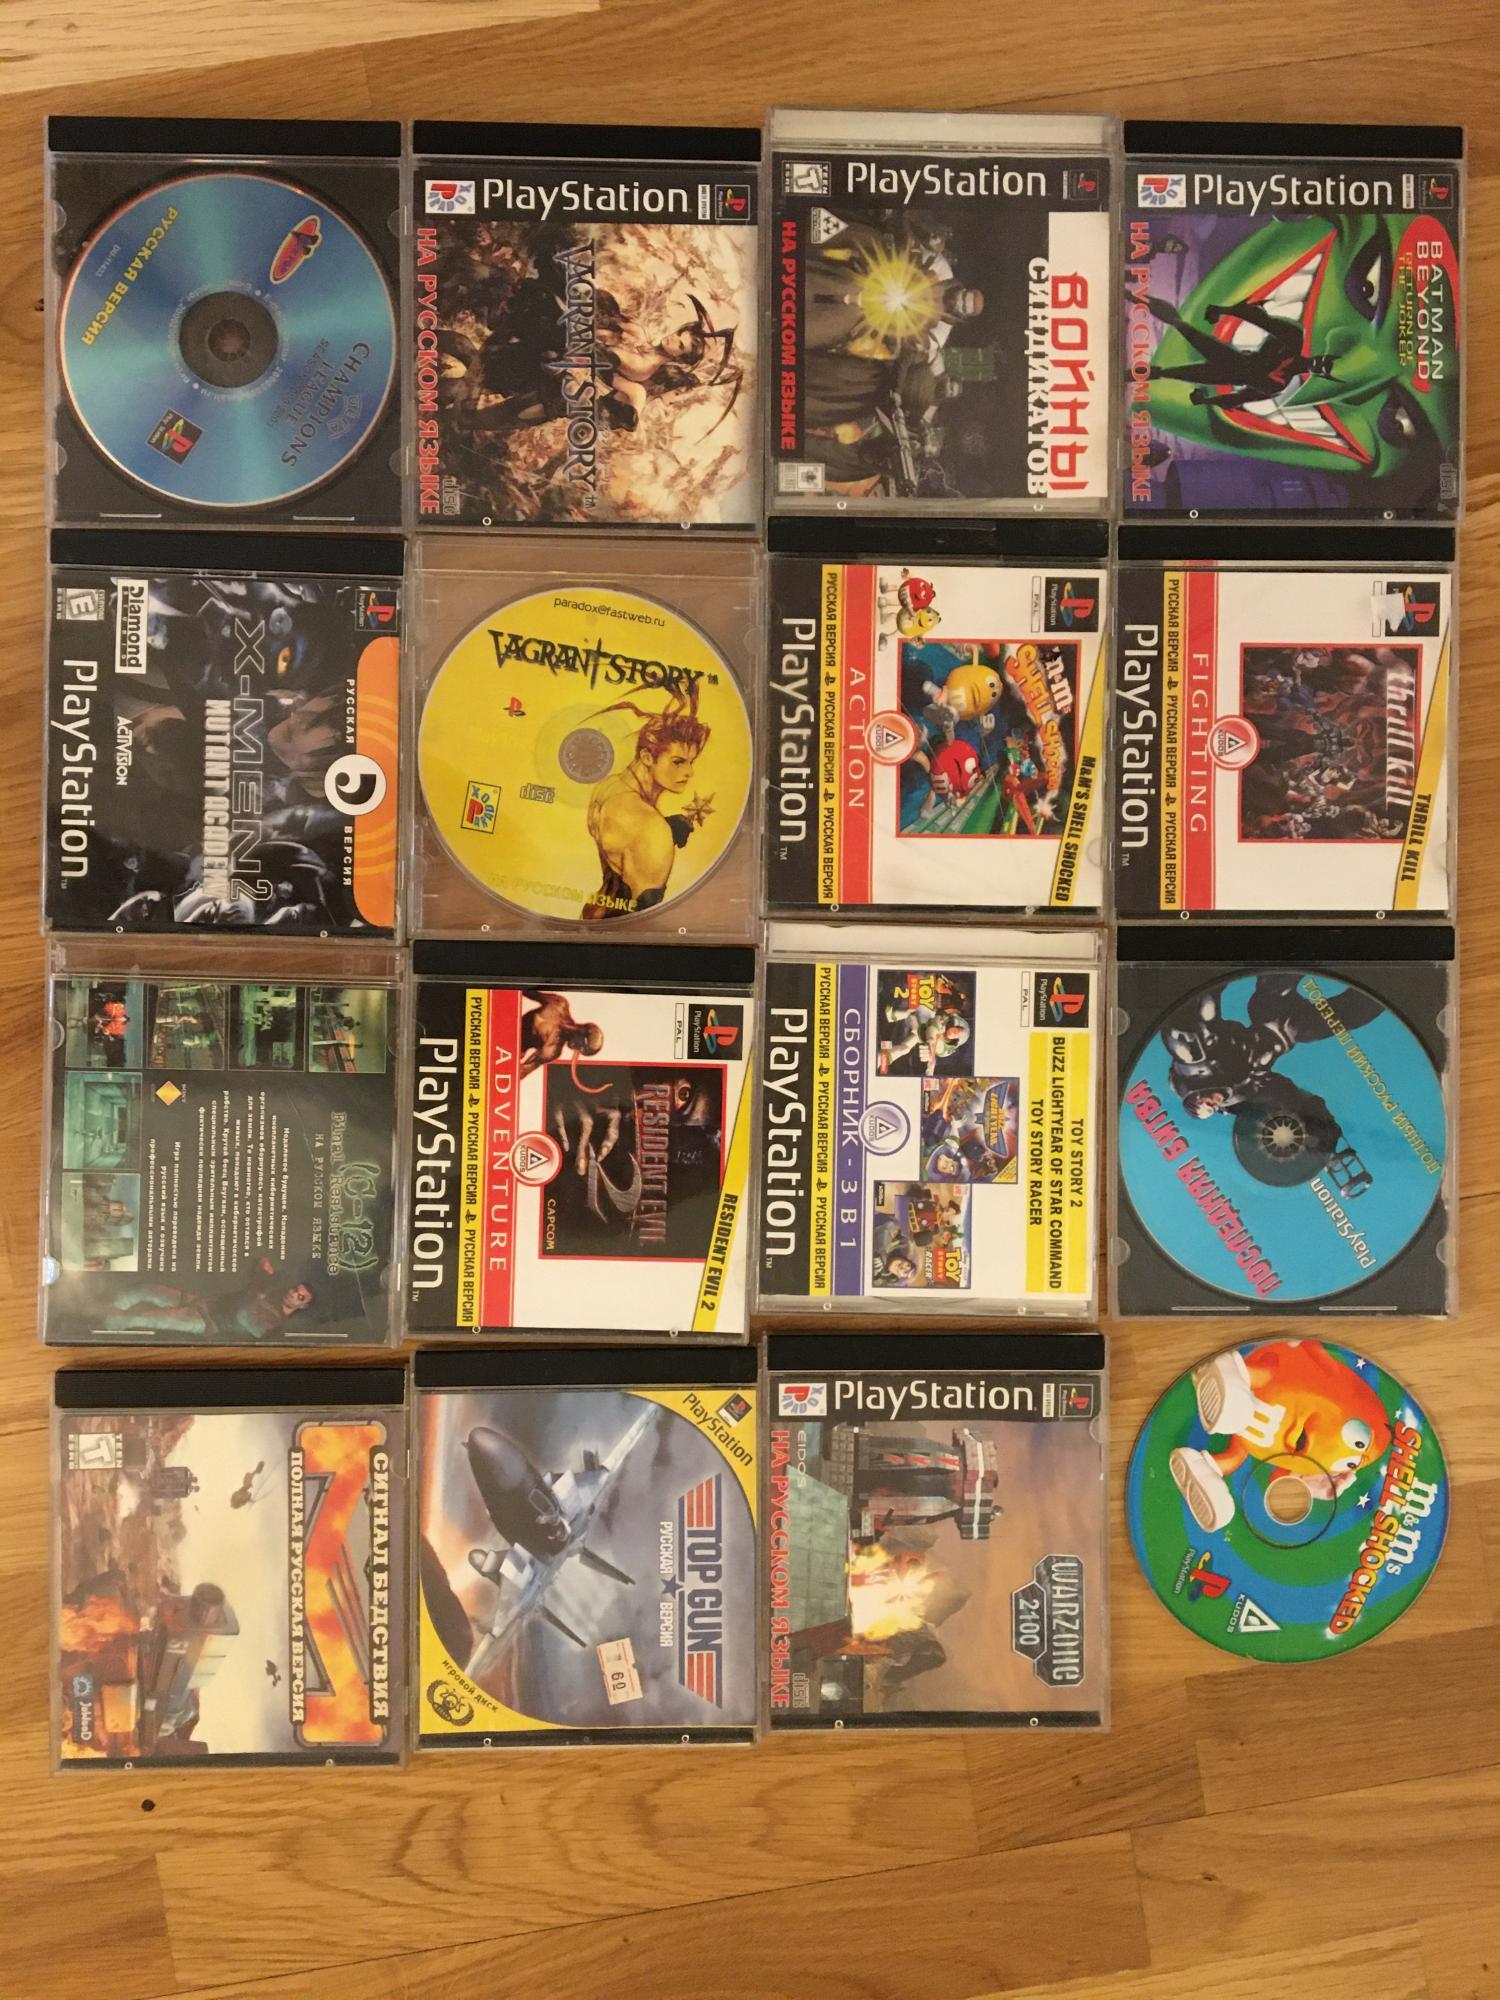 диски ps1, оптом 1000 в Люберцах 89265416831 купить 1